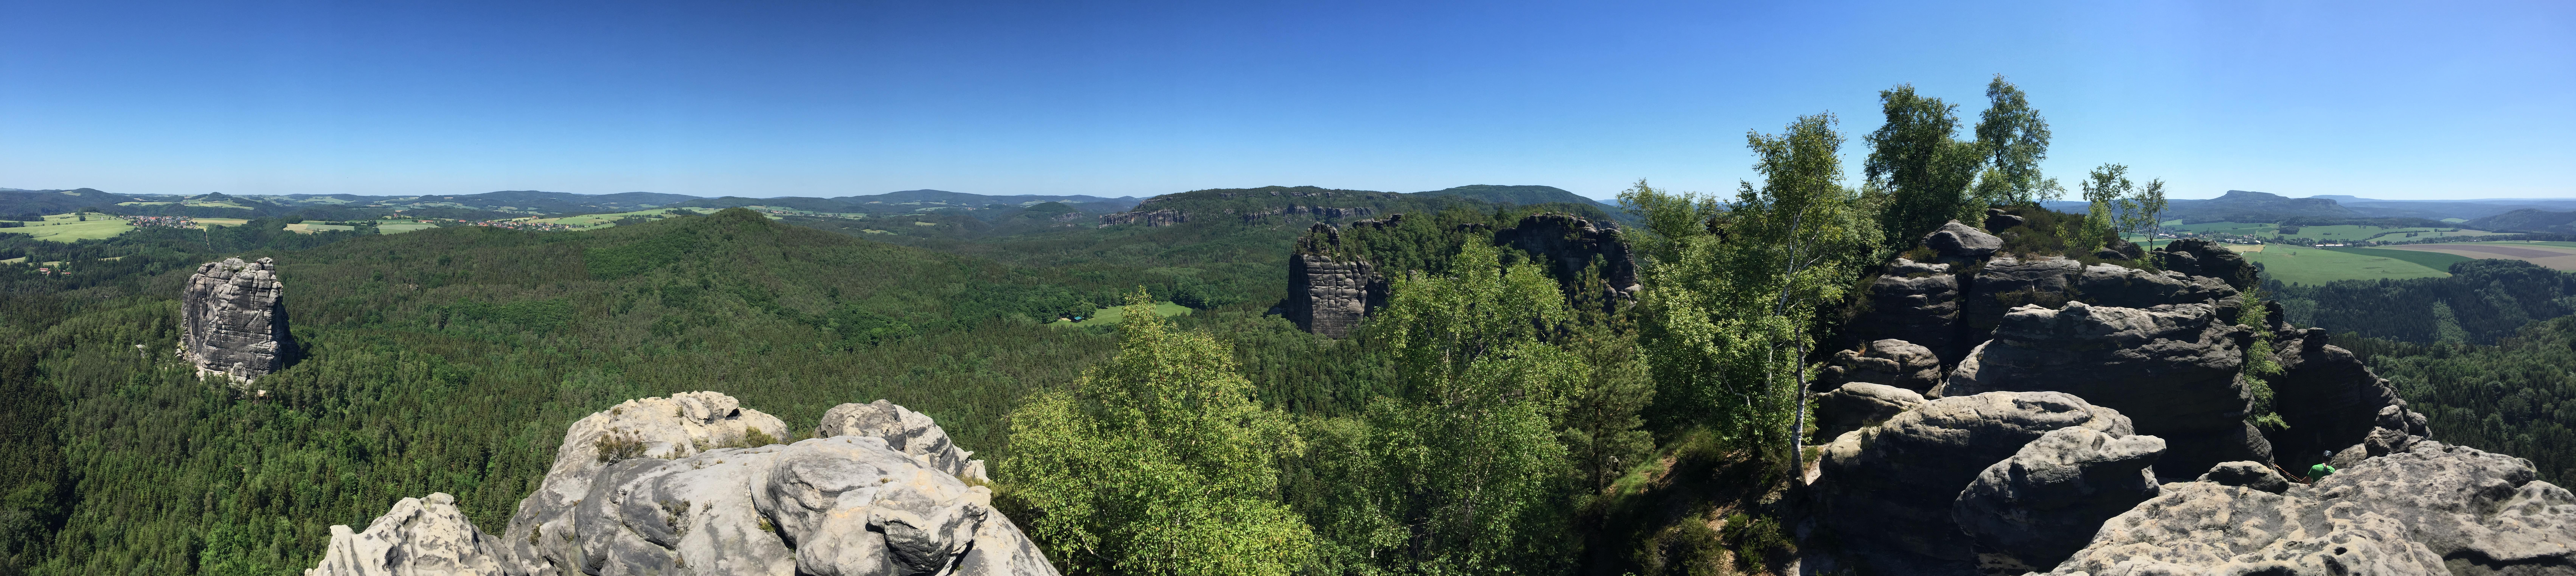 Kletterkurs Elbsandstein